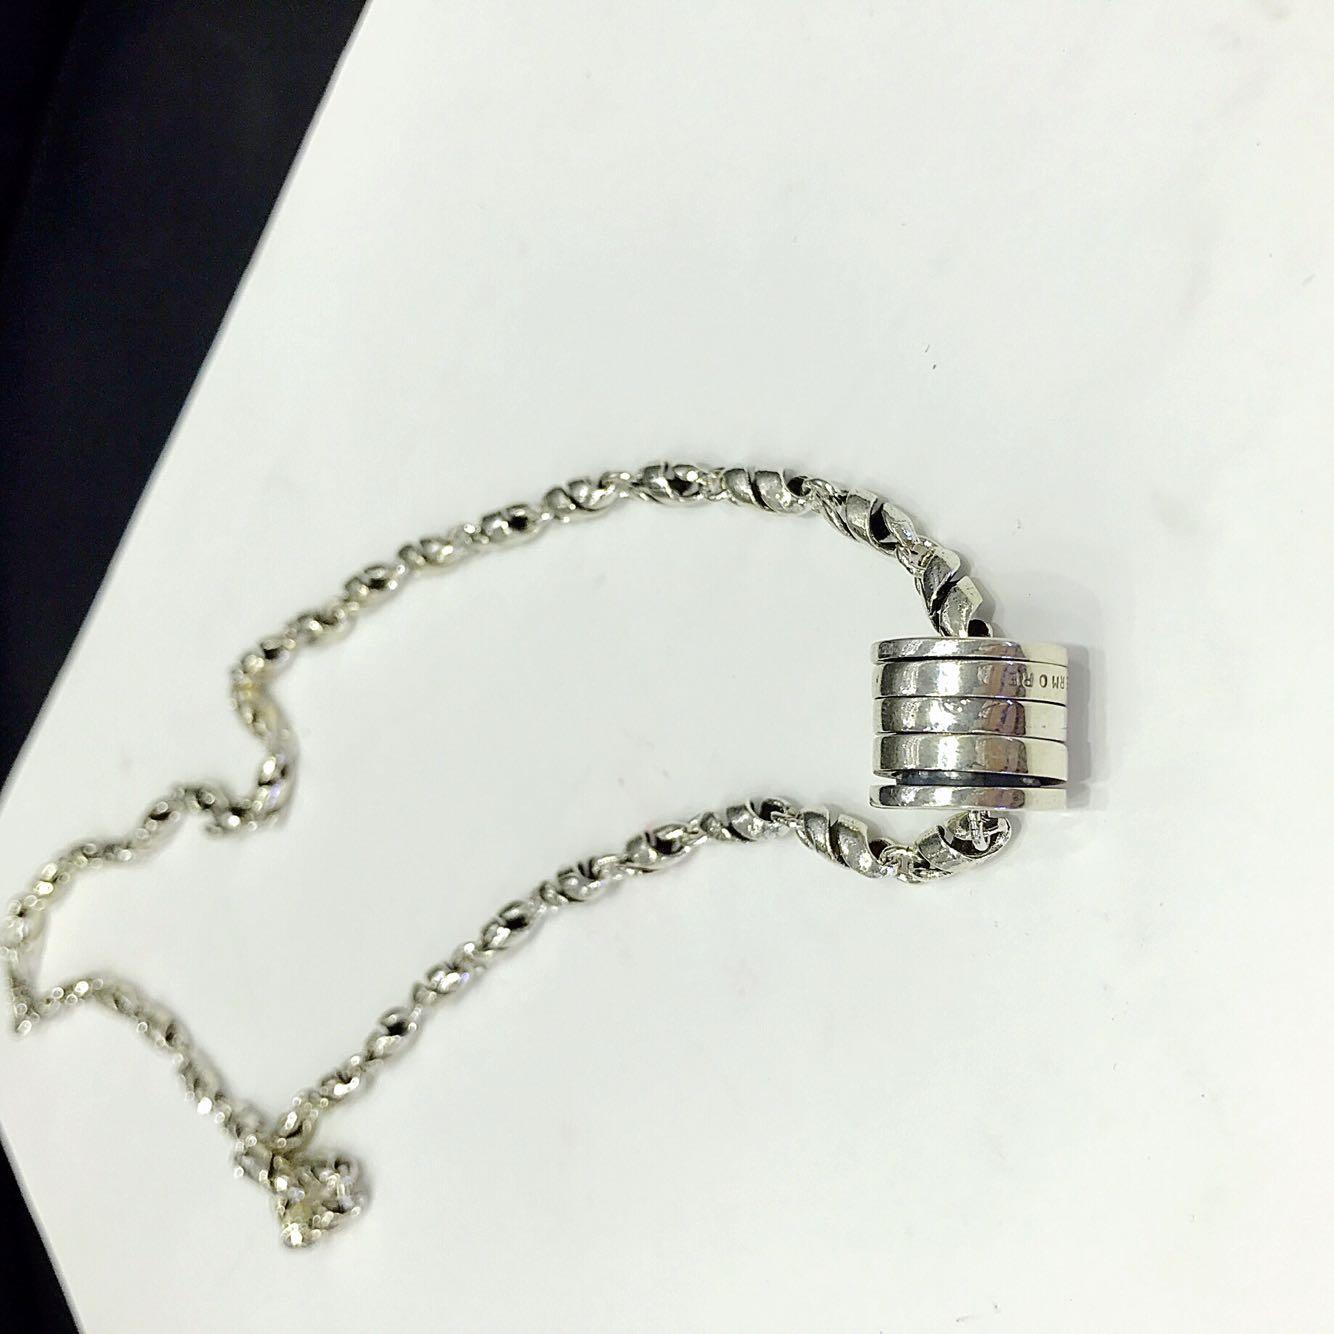 厘米 纯银项链女士个姓泰银太银时来运转男女中姓超个姓项链  925 50